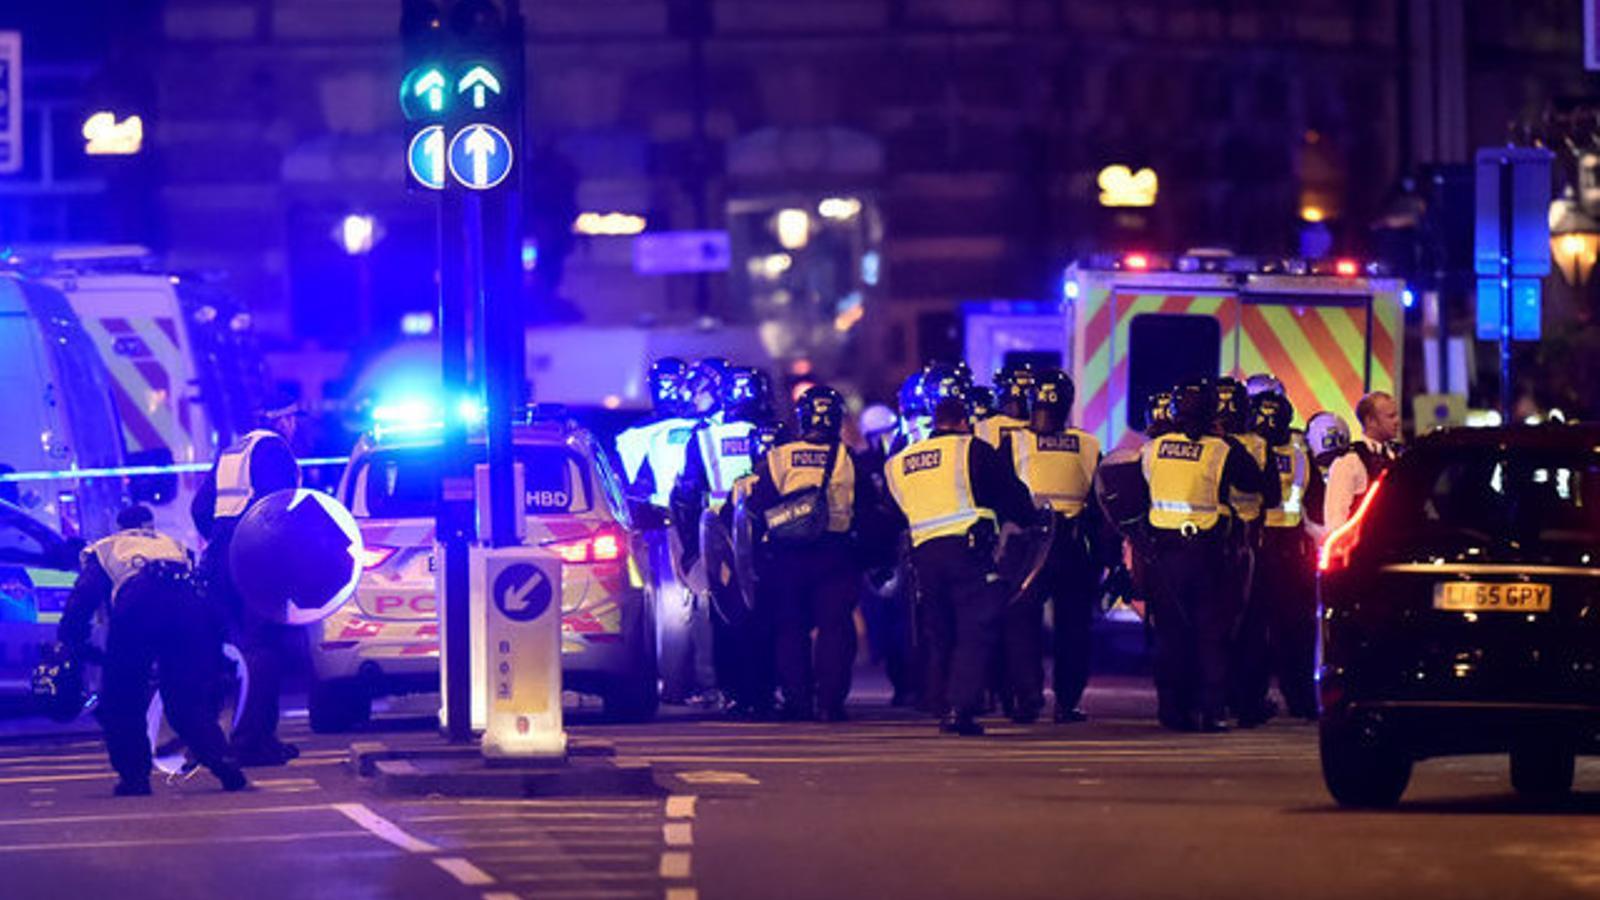 La policia ha tancat el trànsit a la zona del Pont de Londres. / HANNAH MCKAY / REUTERS